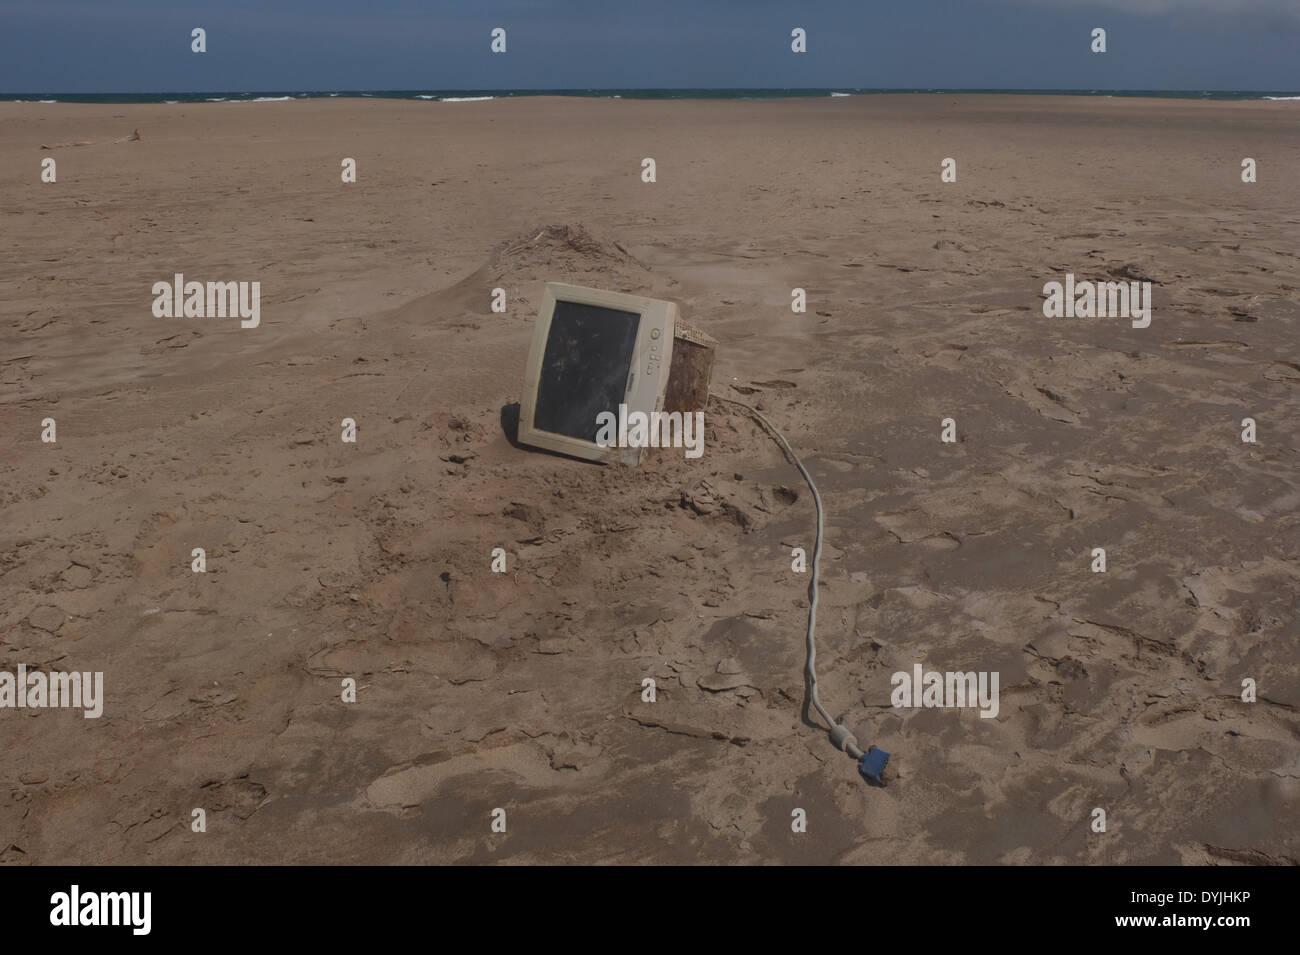 Calcolatore elettronico cestino sulla spiaggia Immagini Stock